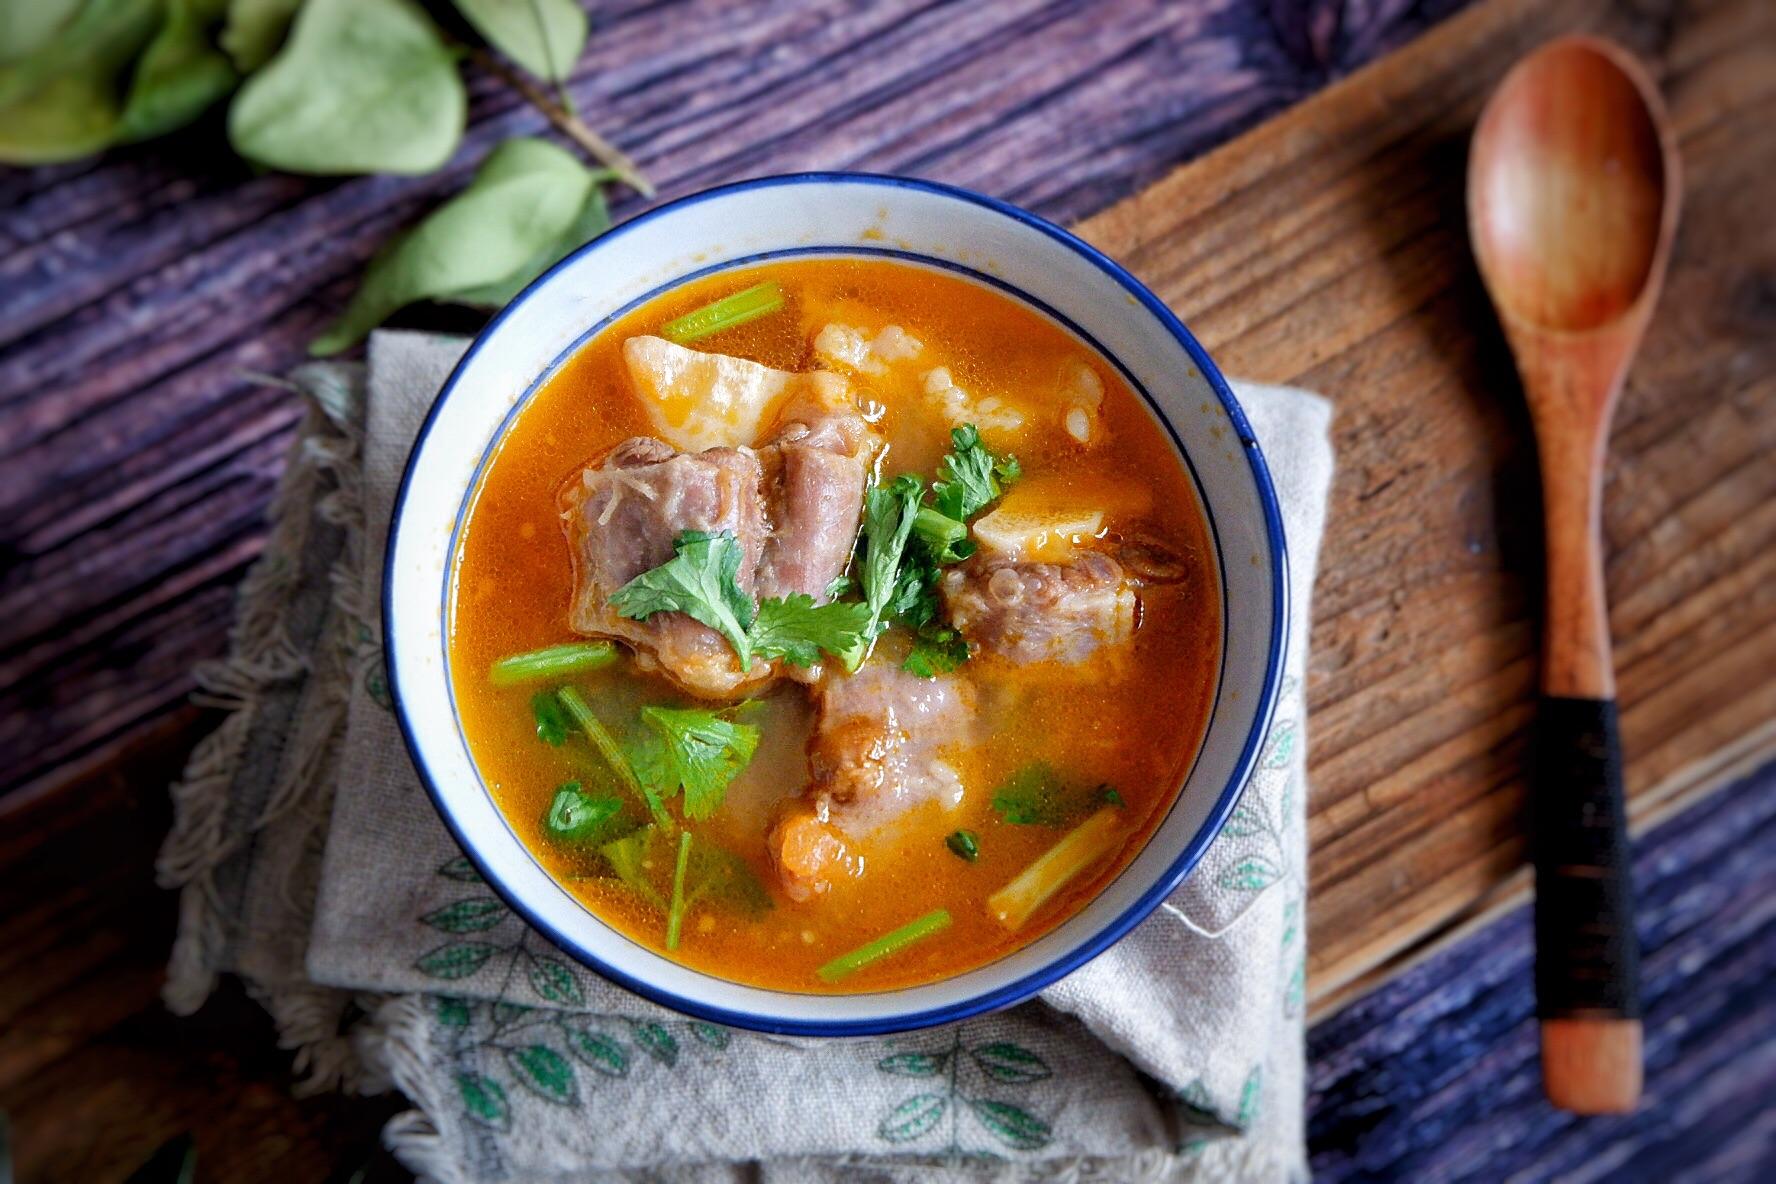 番茄美食汤的牛尾_菜谱_豆果做法瘦猪肉怎么炒熟图片